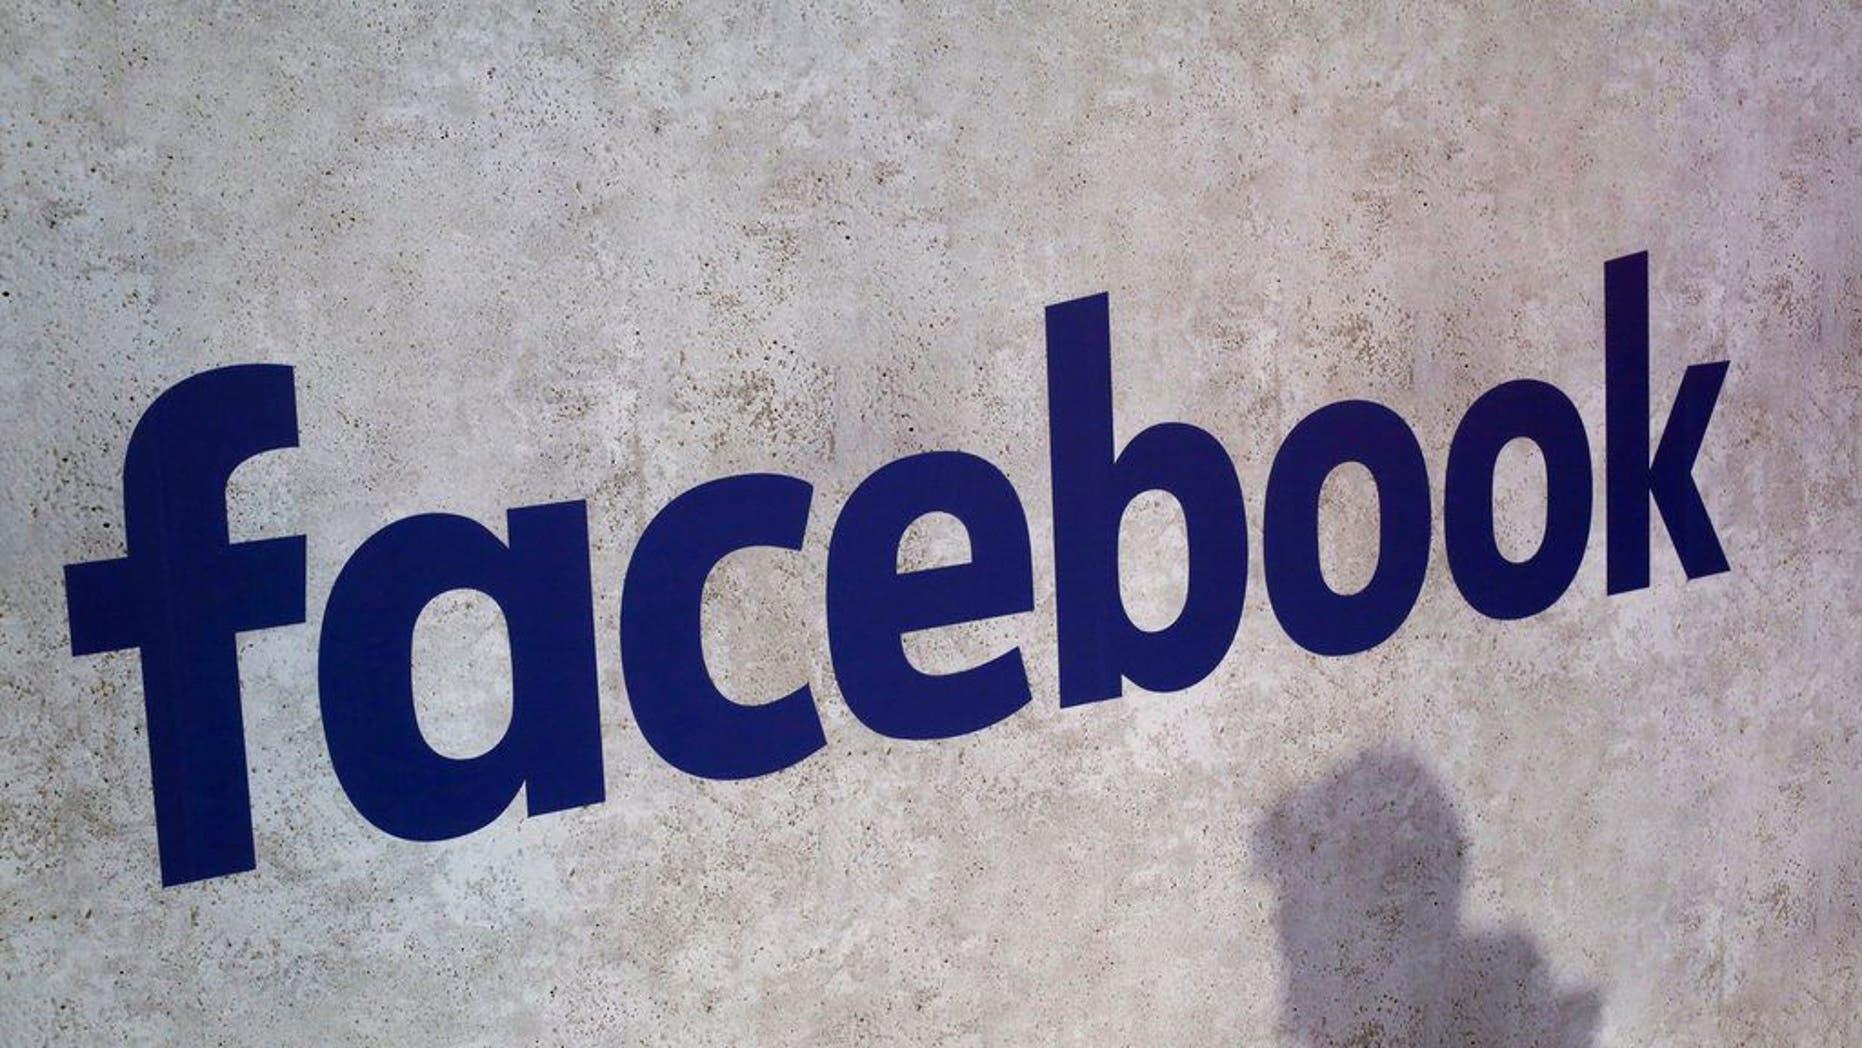 ARCHIVO- En esta fotografía del 17 de enero de 2017 se muestra el logotipo de Facebook en una reunión de pequeñas empresas en París. (AP Foto/Thibault Camus, Archivo)